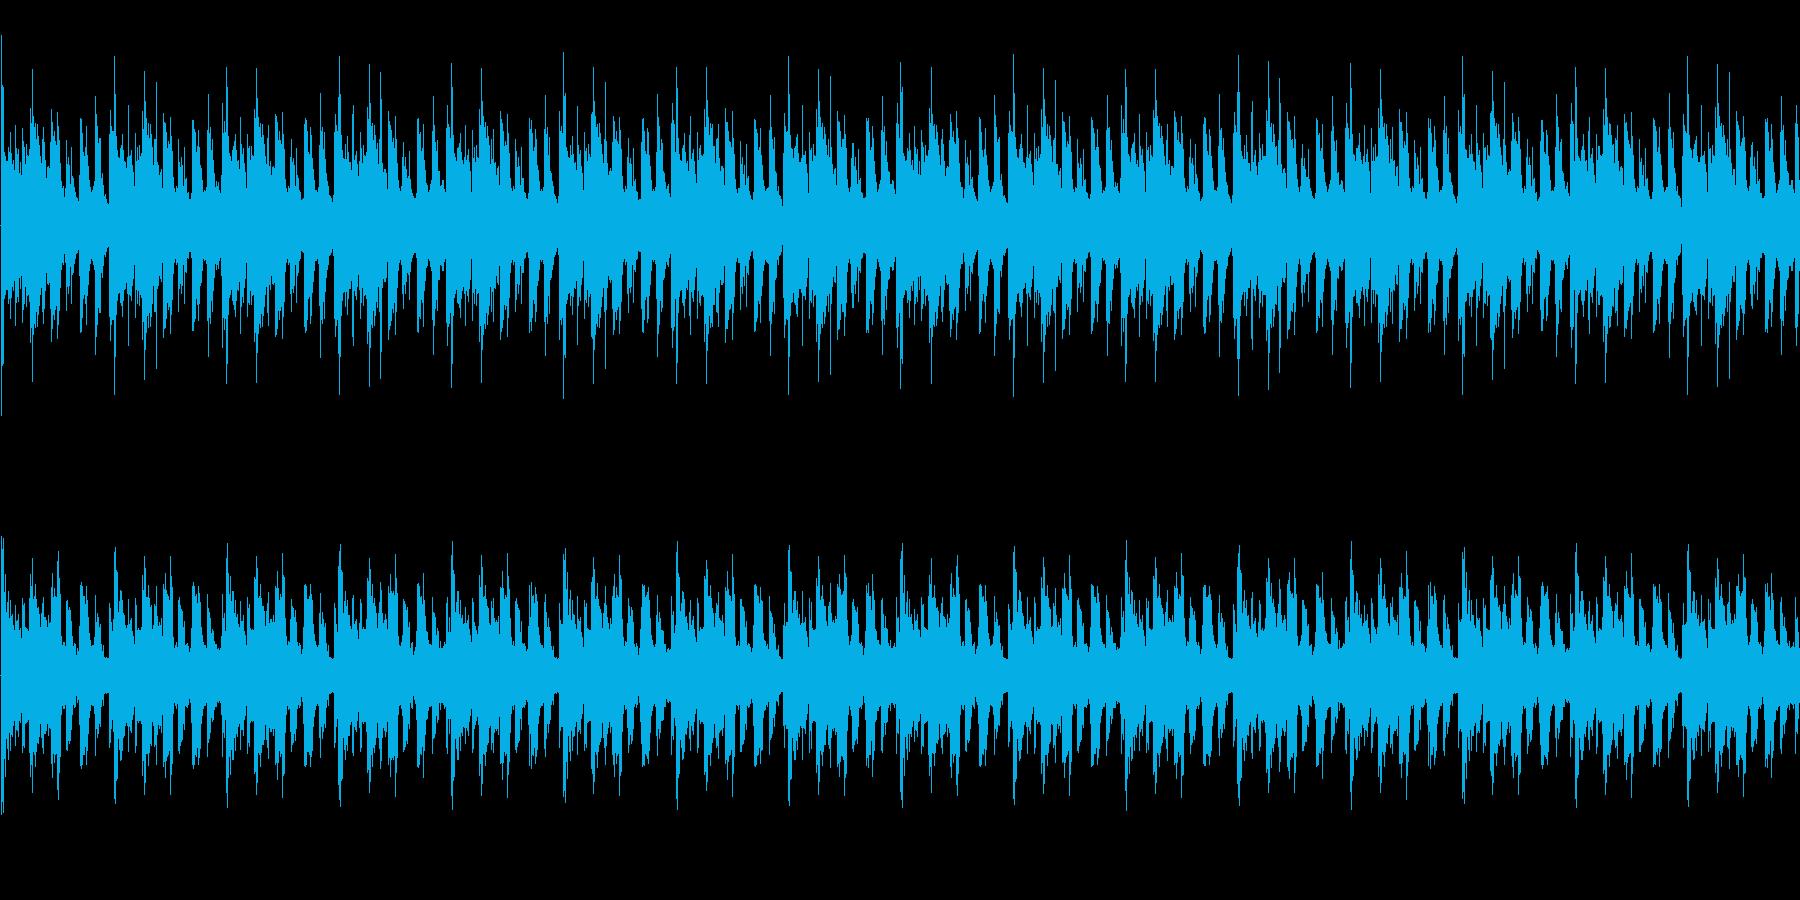 【海/サーフロック/アコースティック】の再生済みの波形